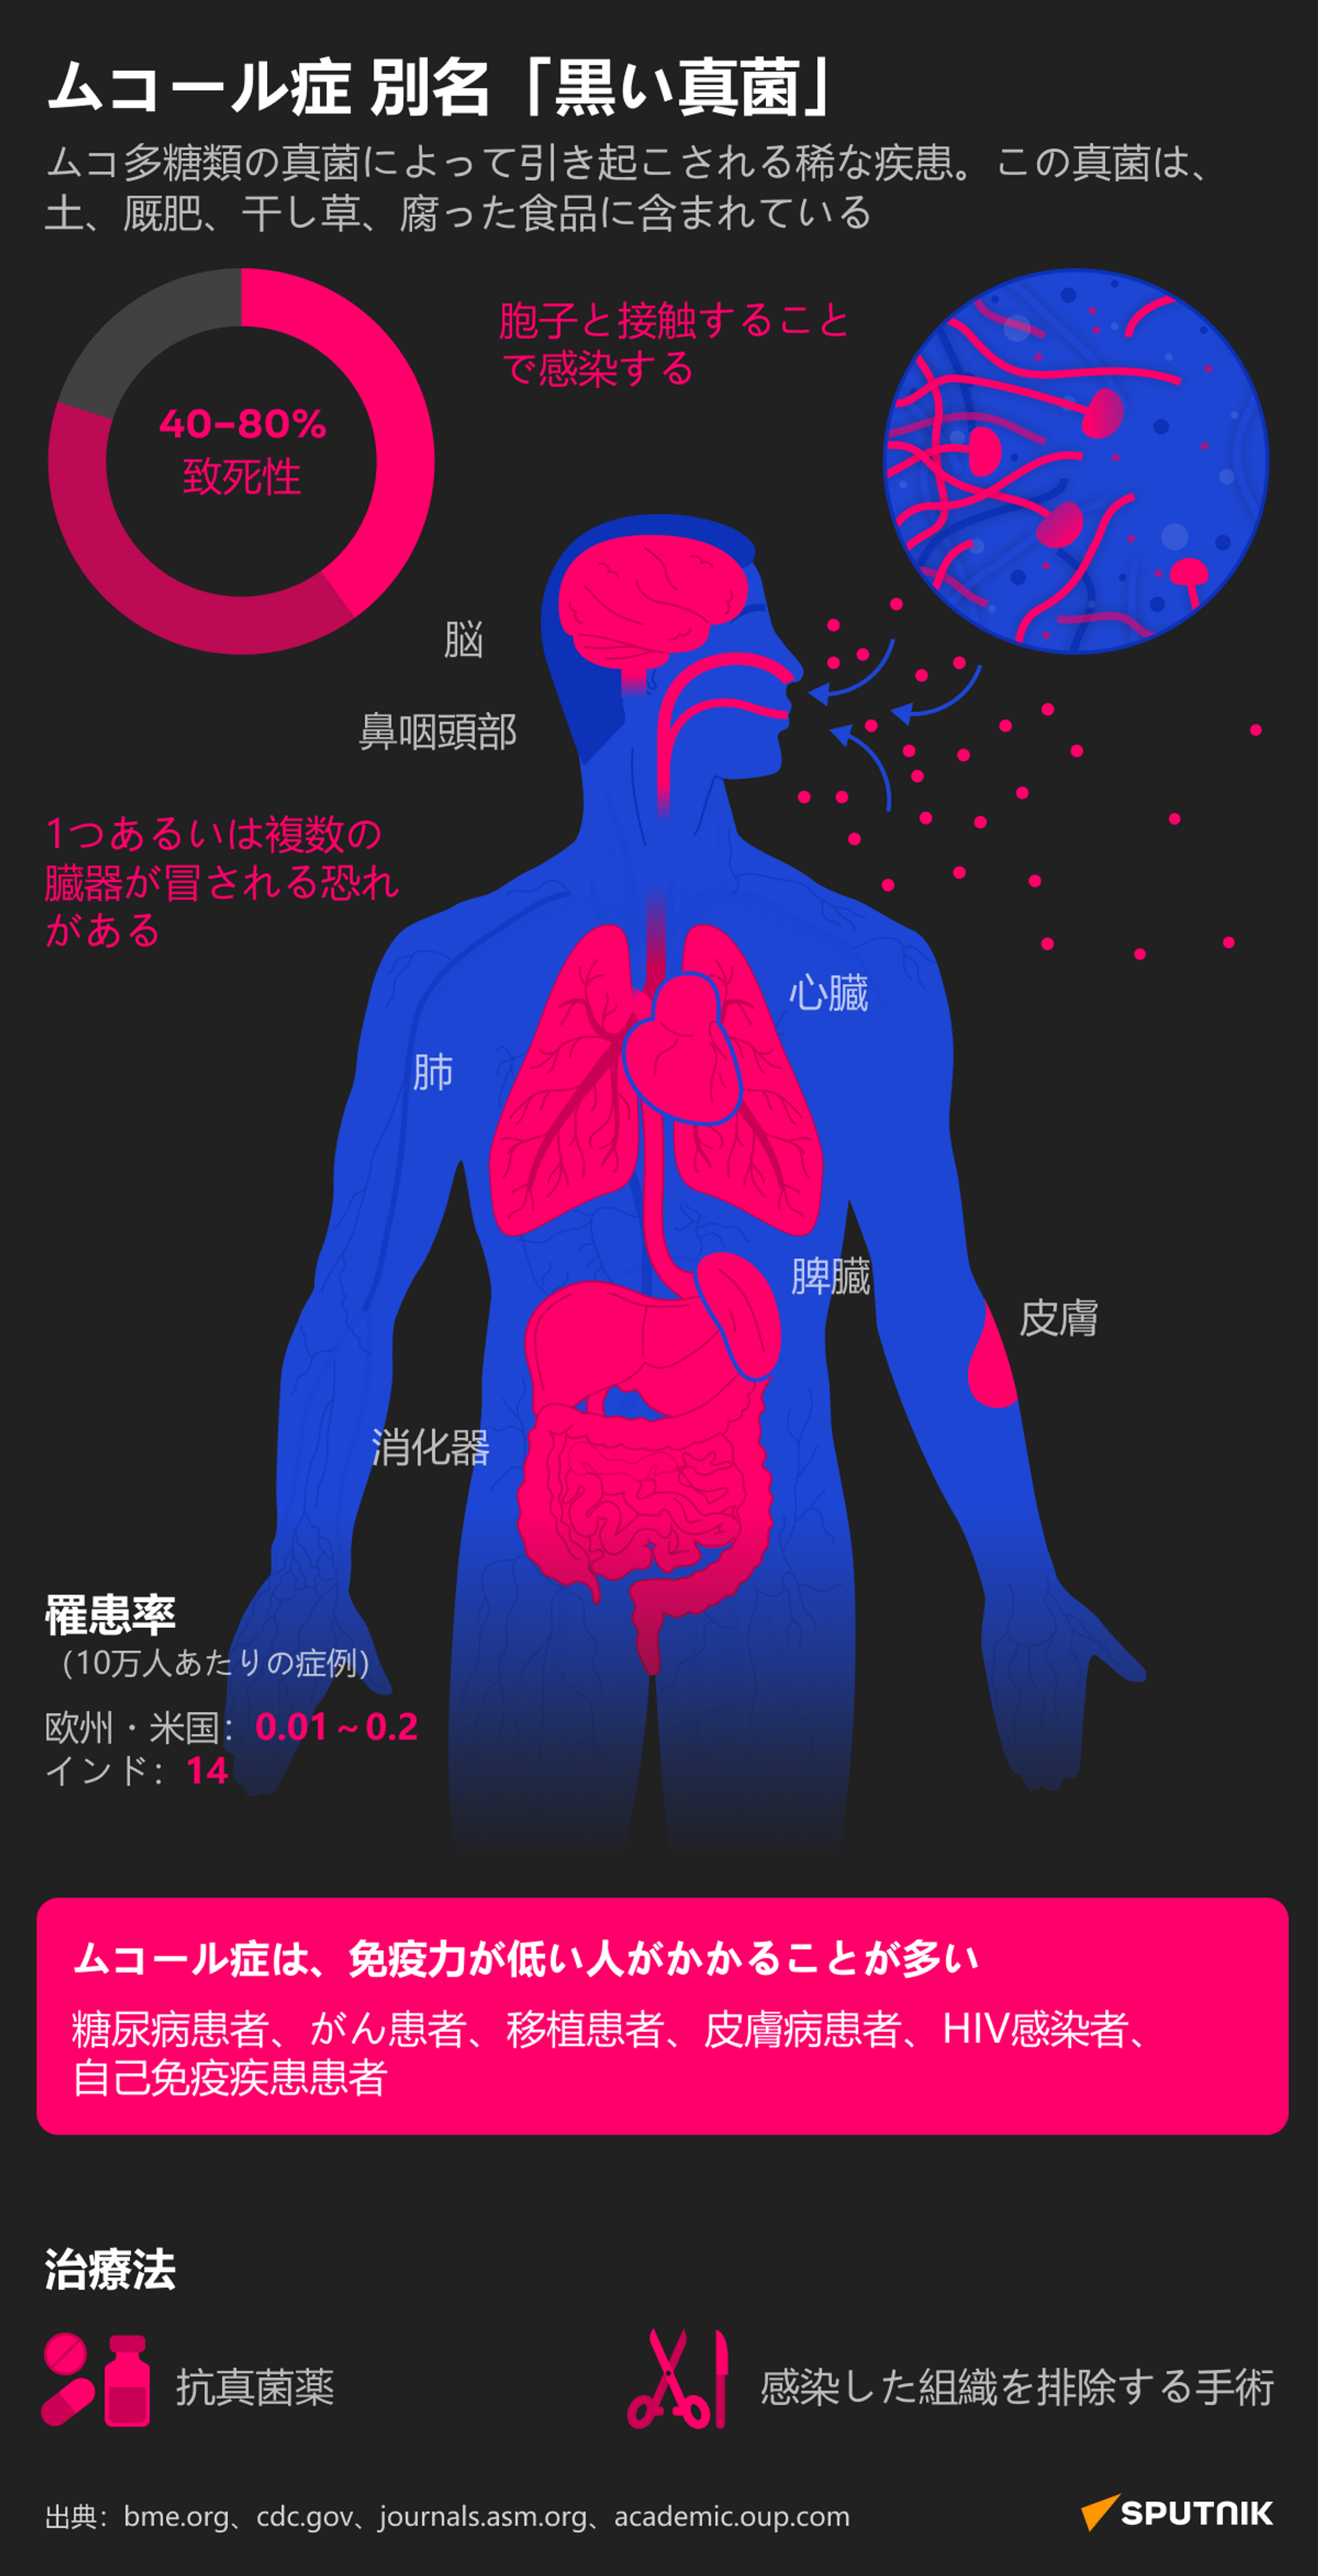 インドで「黒カビ病」拡大 コロナ完治患者の骨組織が壊疽するケースが増加 - Sputnik 日本, 1920, 05.07.2021